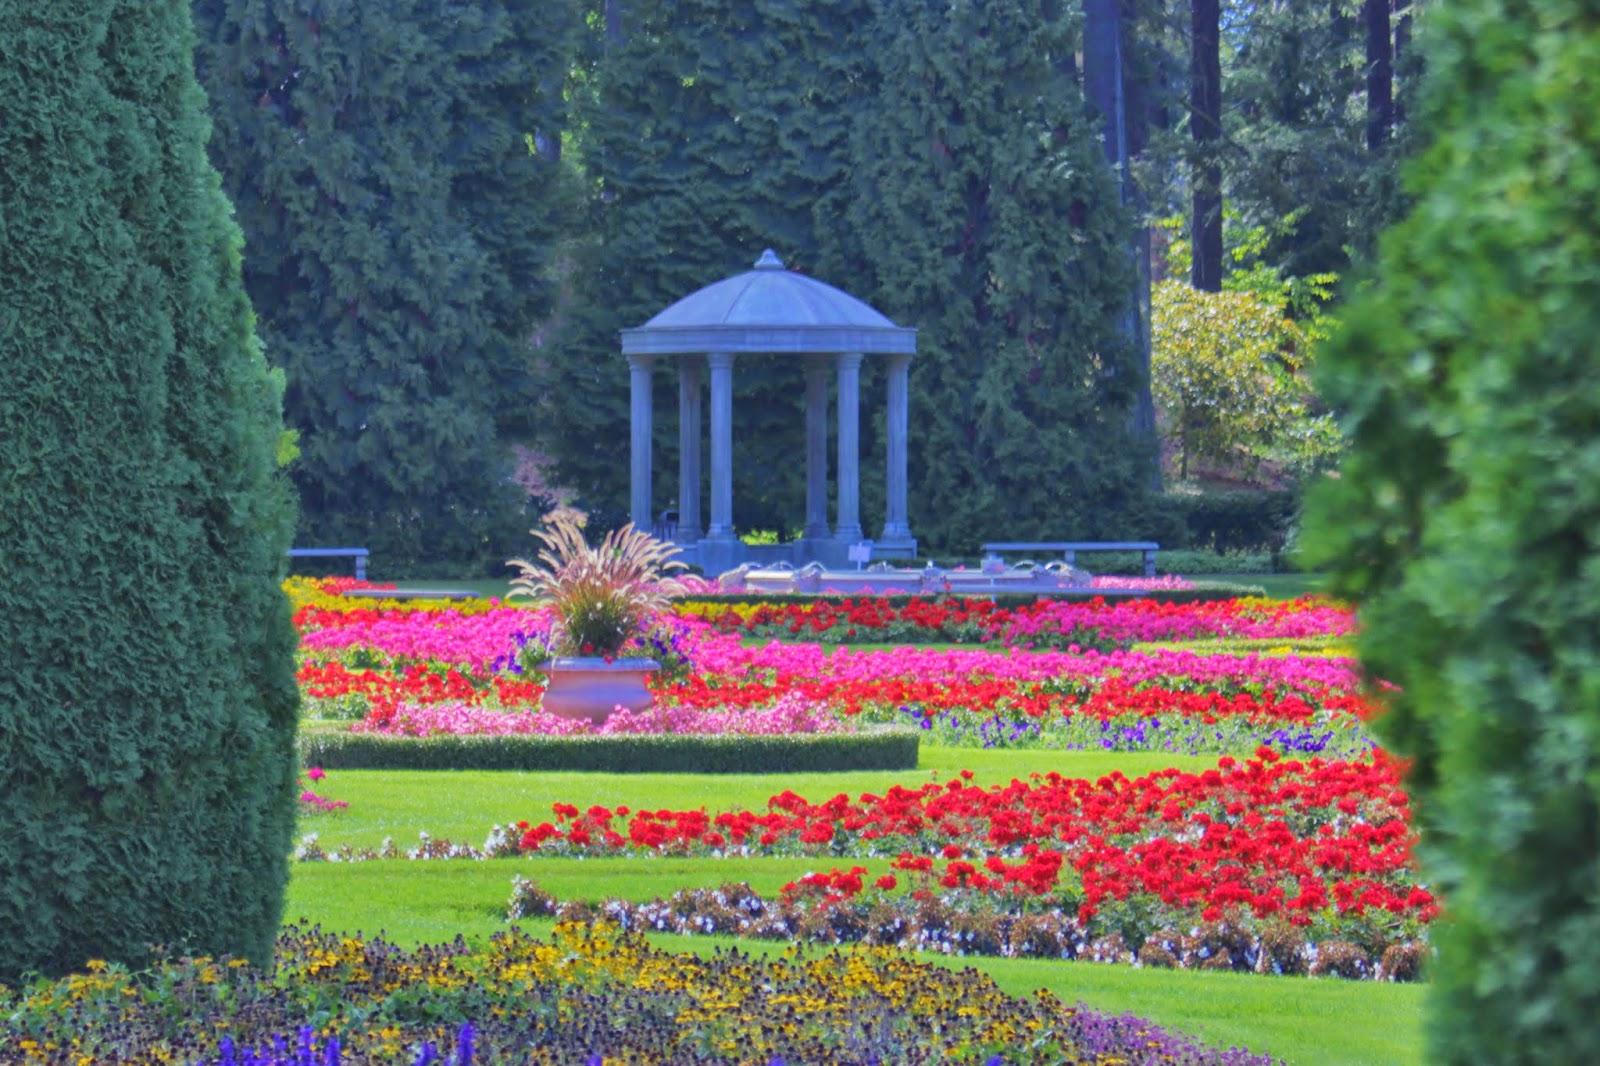 дмитриевич менял фото город душанбе парк ботанический сад одежды ваш